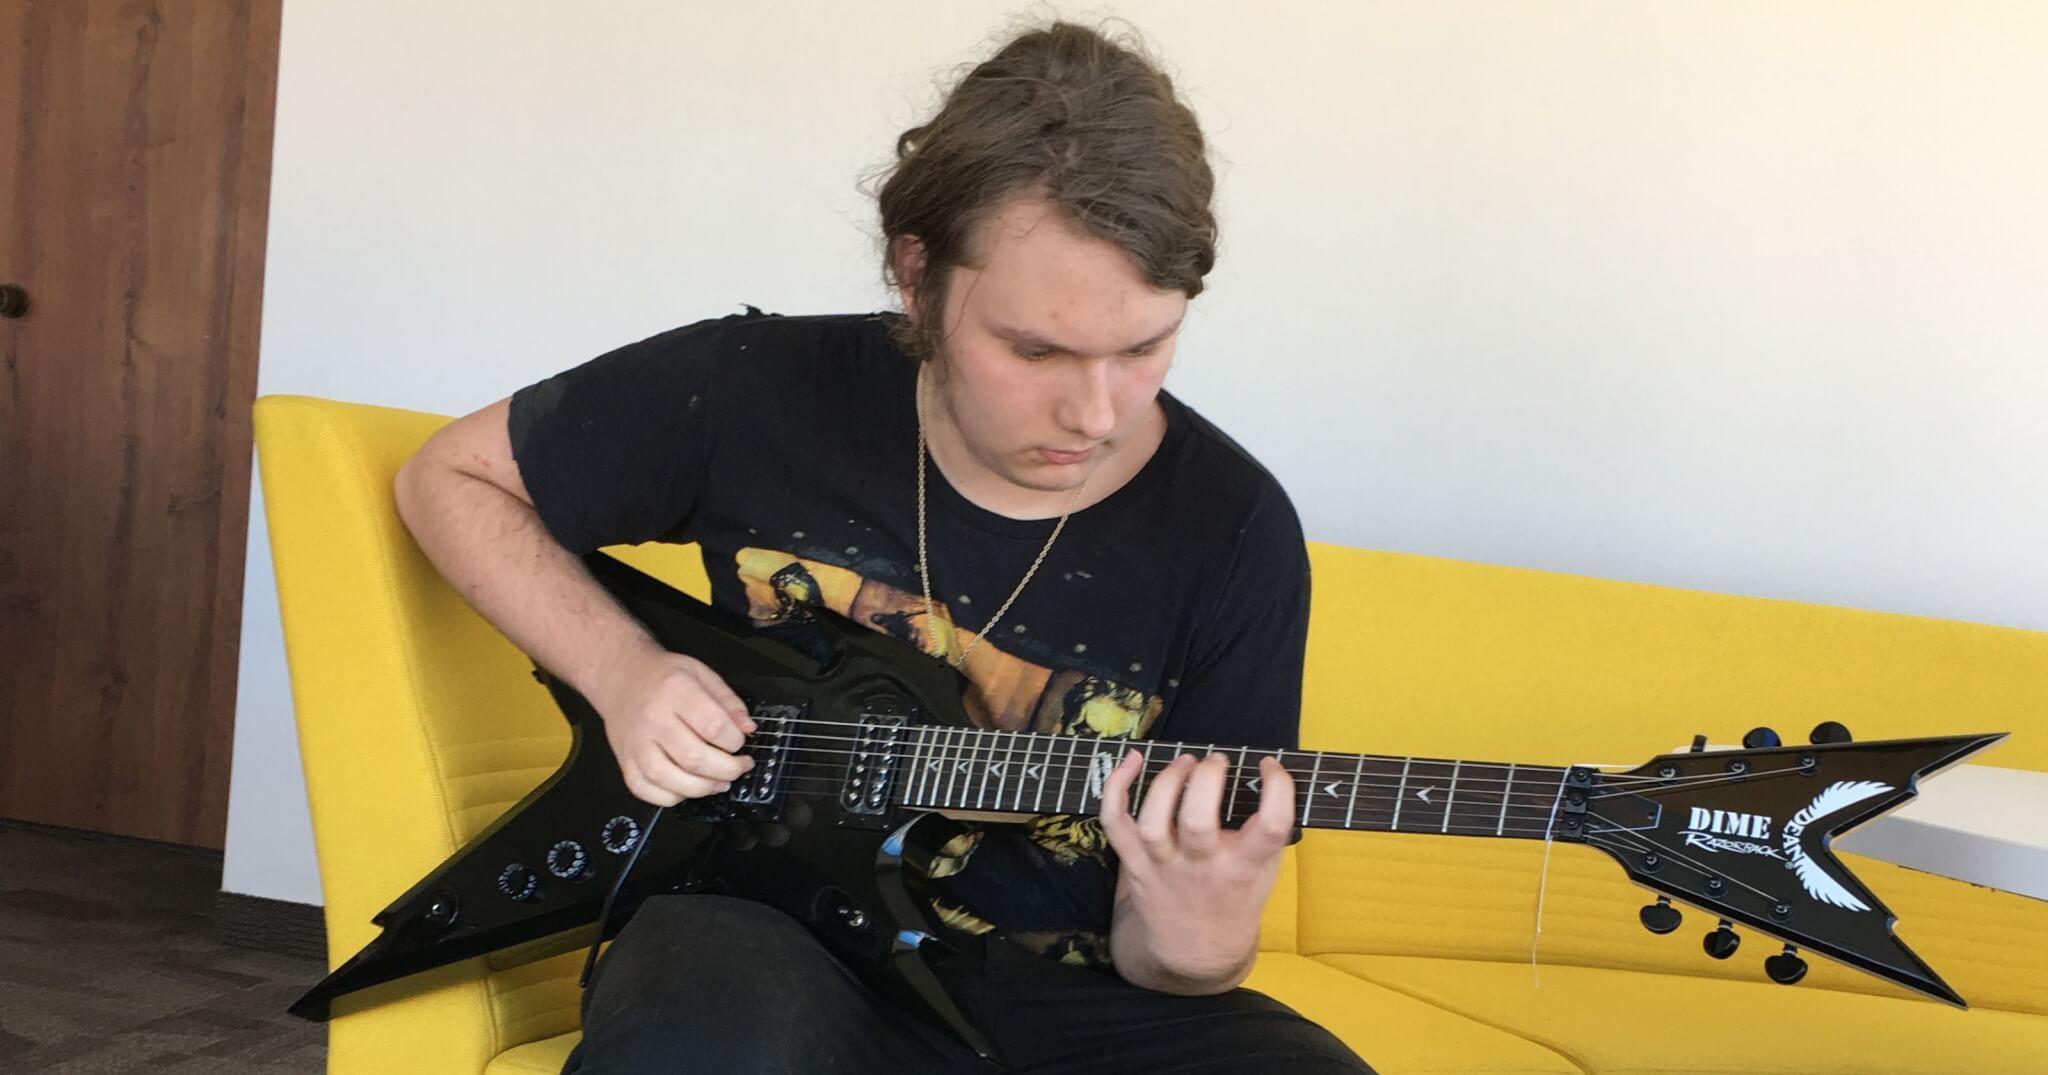 16歲金屬少年在生日當天收到亡父送的電吉他!